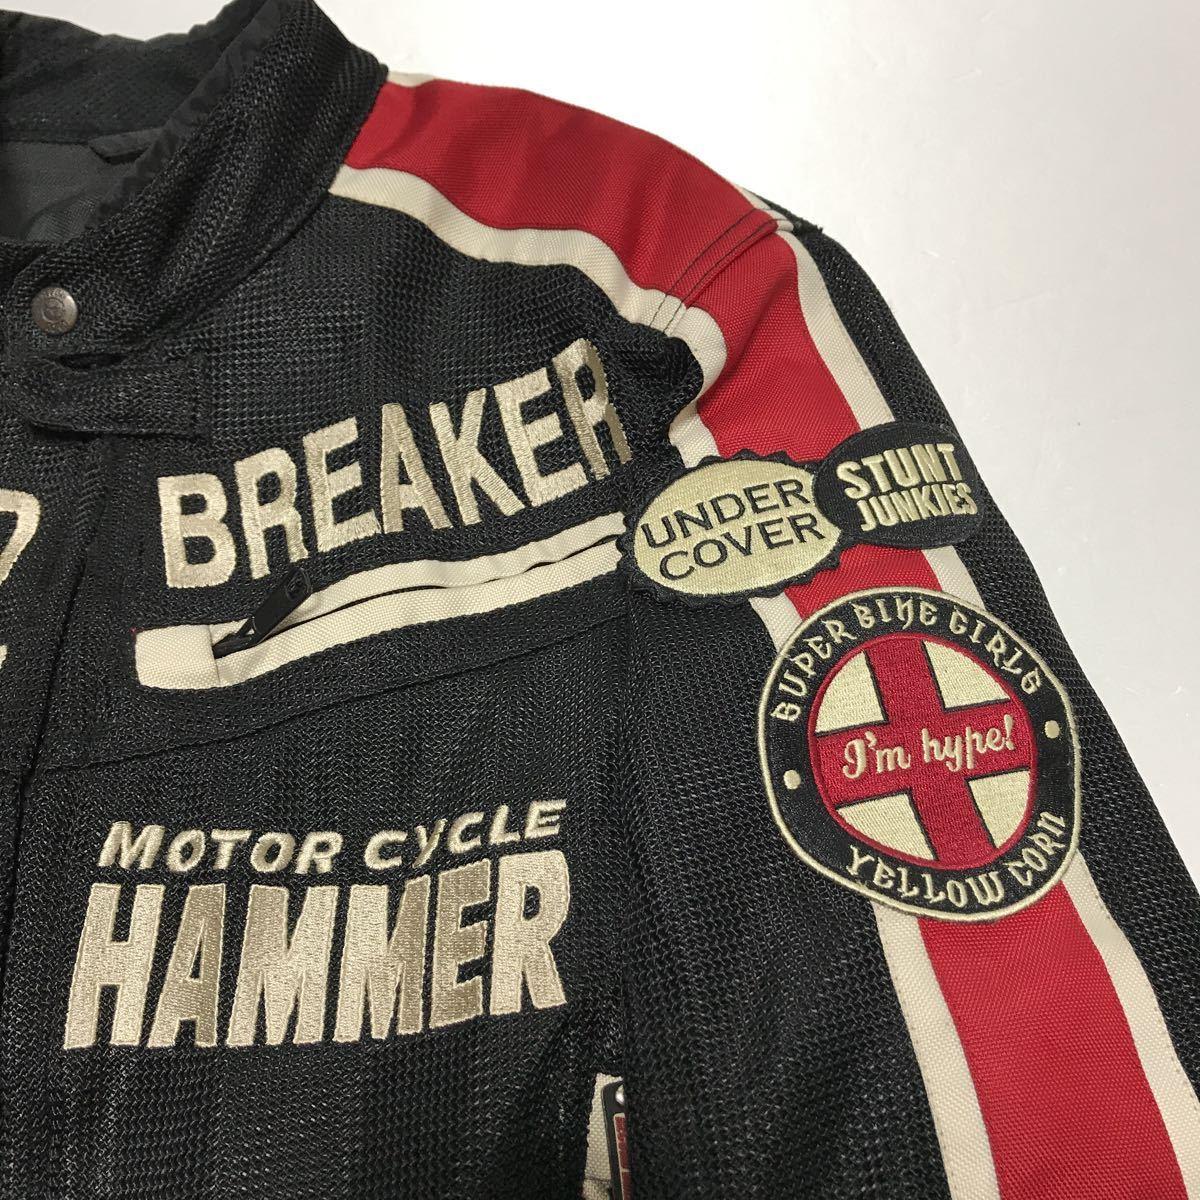 イエローコーン 中綿入り 春夏 メンズM ジャケット YeLLOW CORN バイクウェア バイクジャケット 中古_画像7